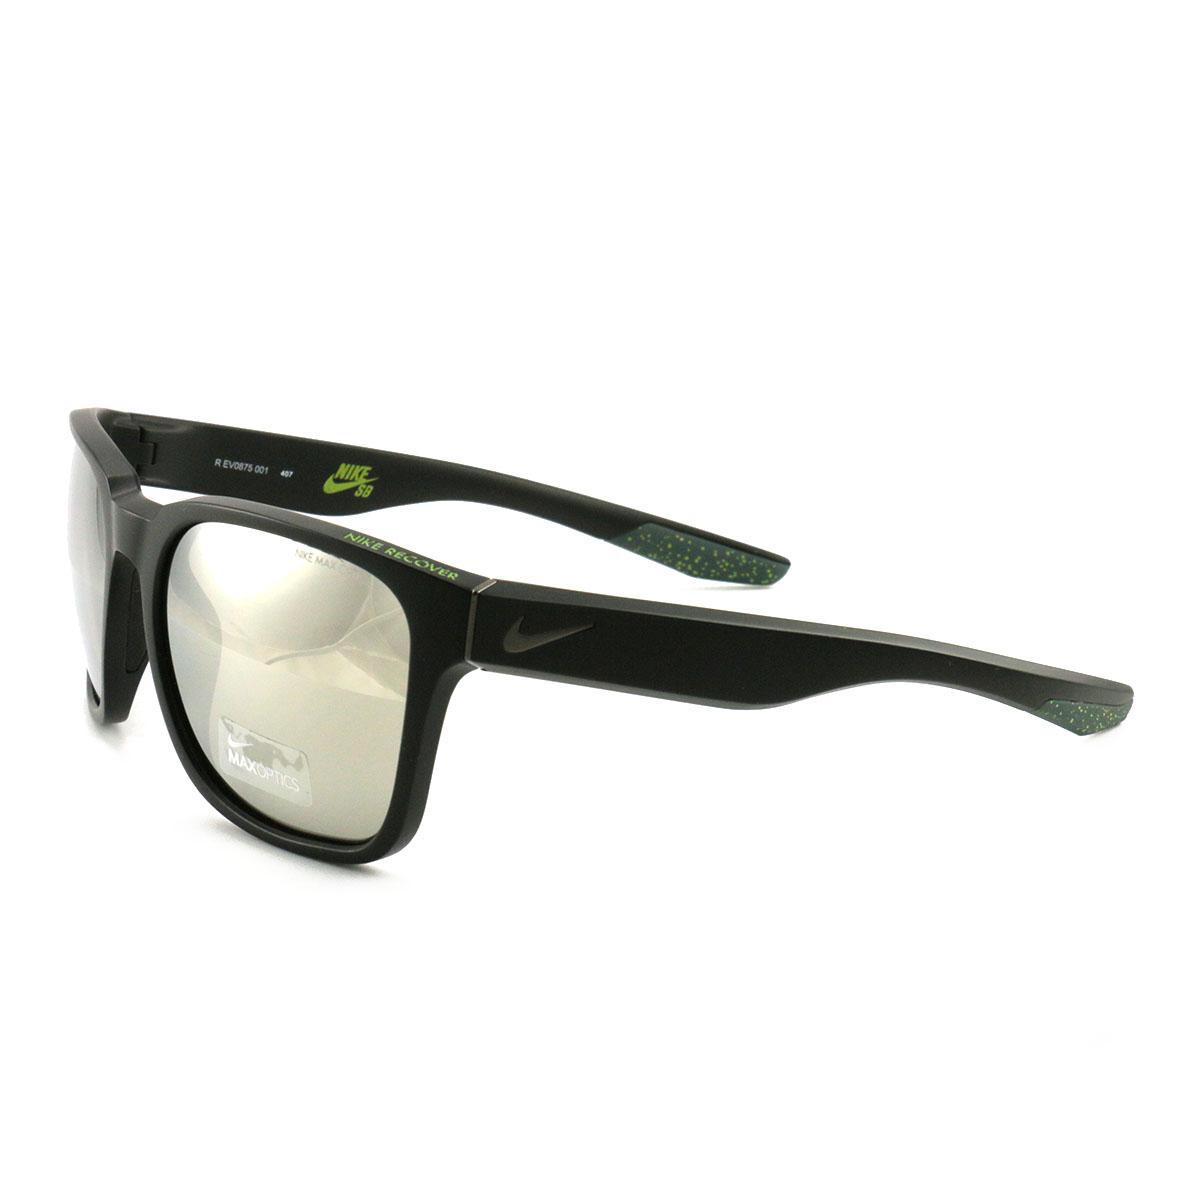 771e120d346c Nike SB Recover R Sunglasses EV0875 001 Matte Black/Gunmetal 57 20 140